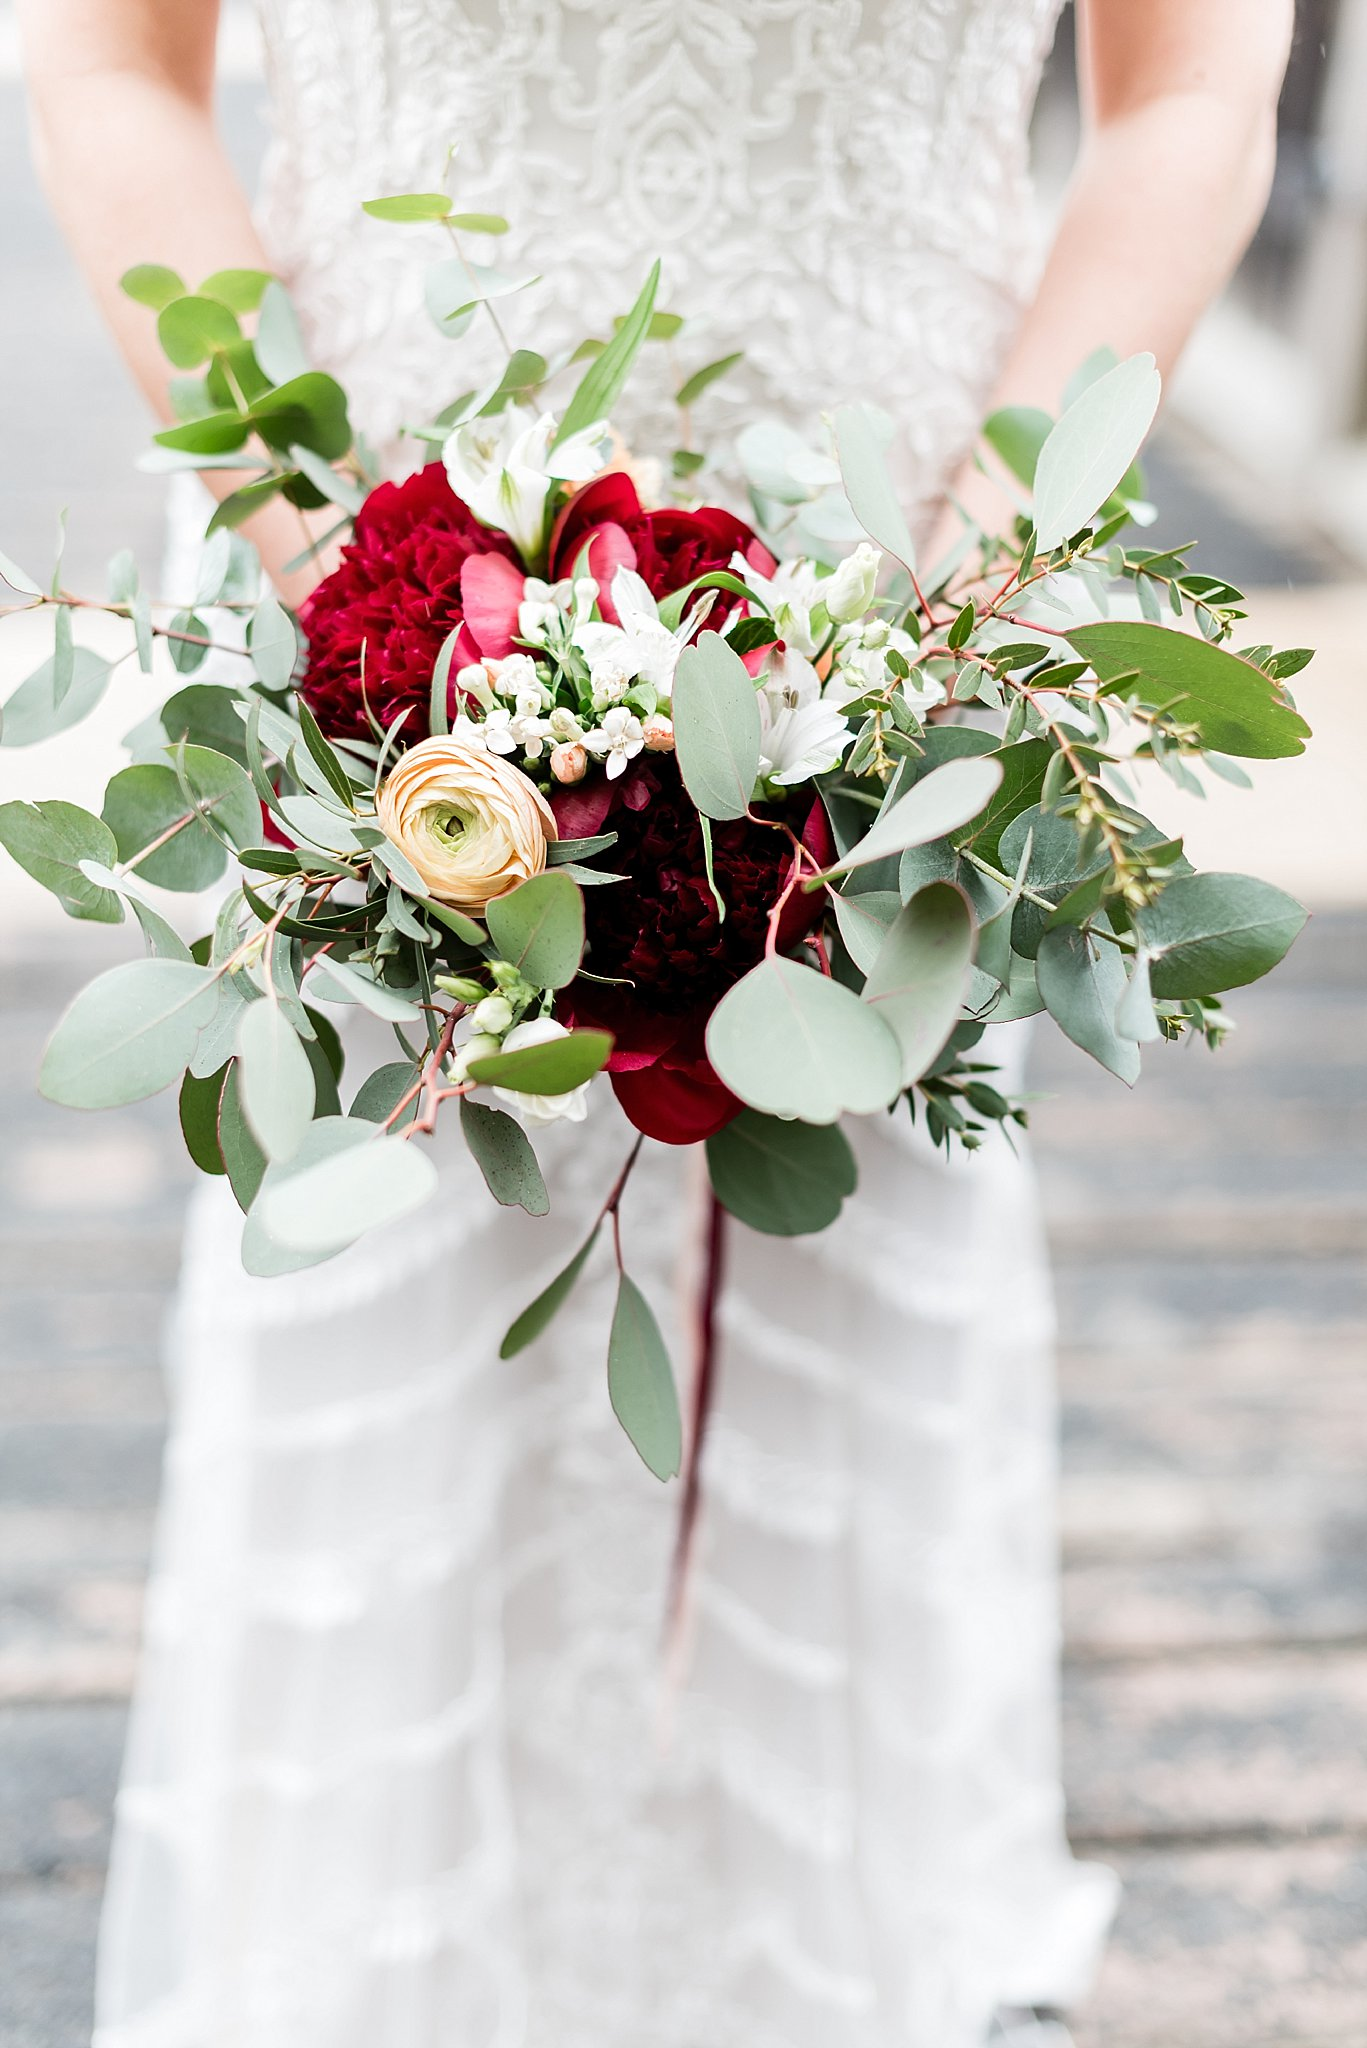 Hochzeit-von-Marina-Dominik-auf-Burg-Wernberg-und-Schloss-Friedrichsburg-00110